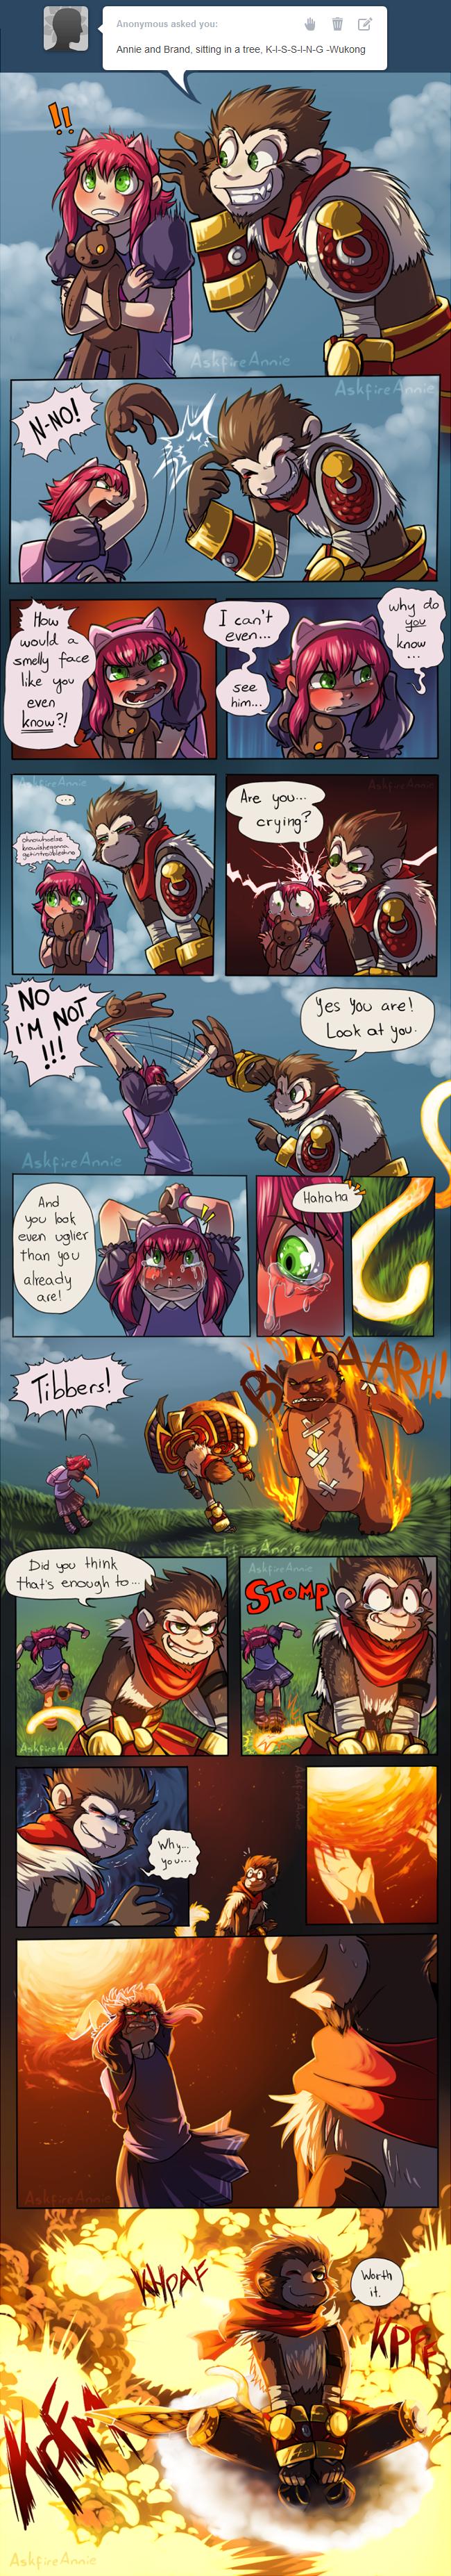 Trolling Monkey By Gaby14link On Deviantart League Of Legends Comic Lol League Of Legends League Memes